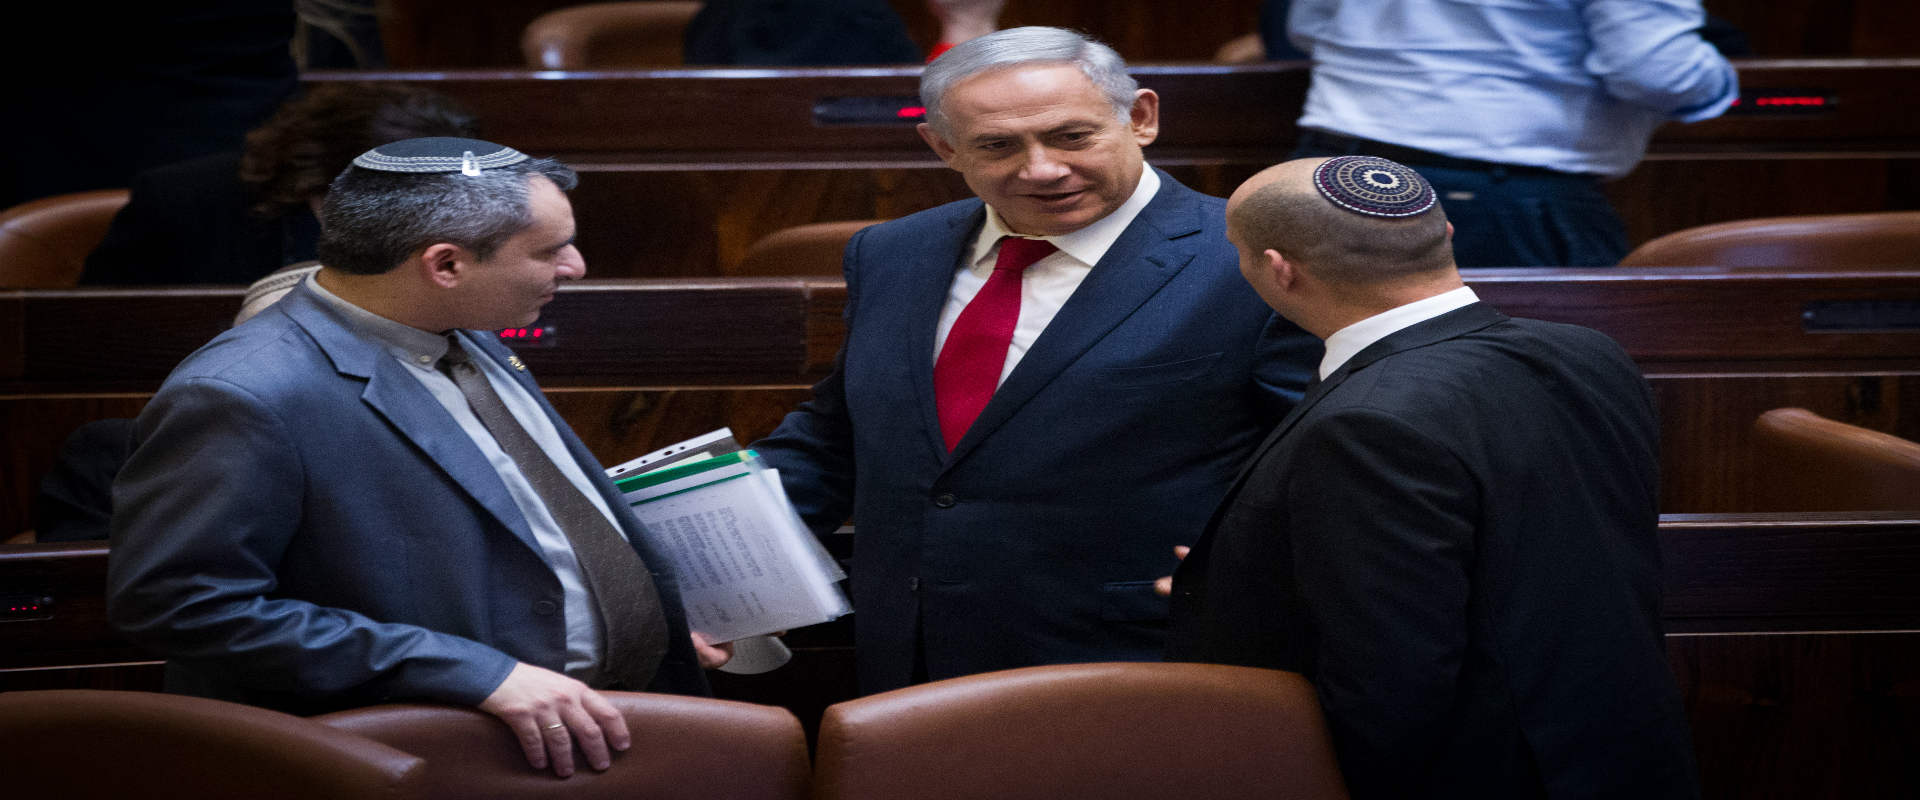 """יו""""ר הבית היהודי נפתלי בנט, ראש הממשלה בנימין נתני"""